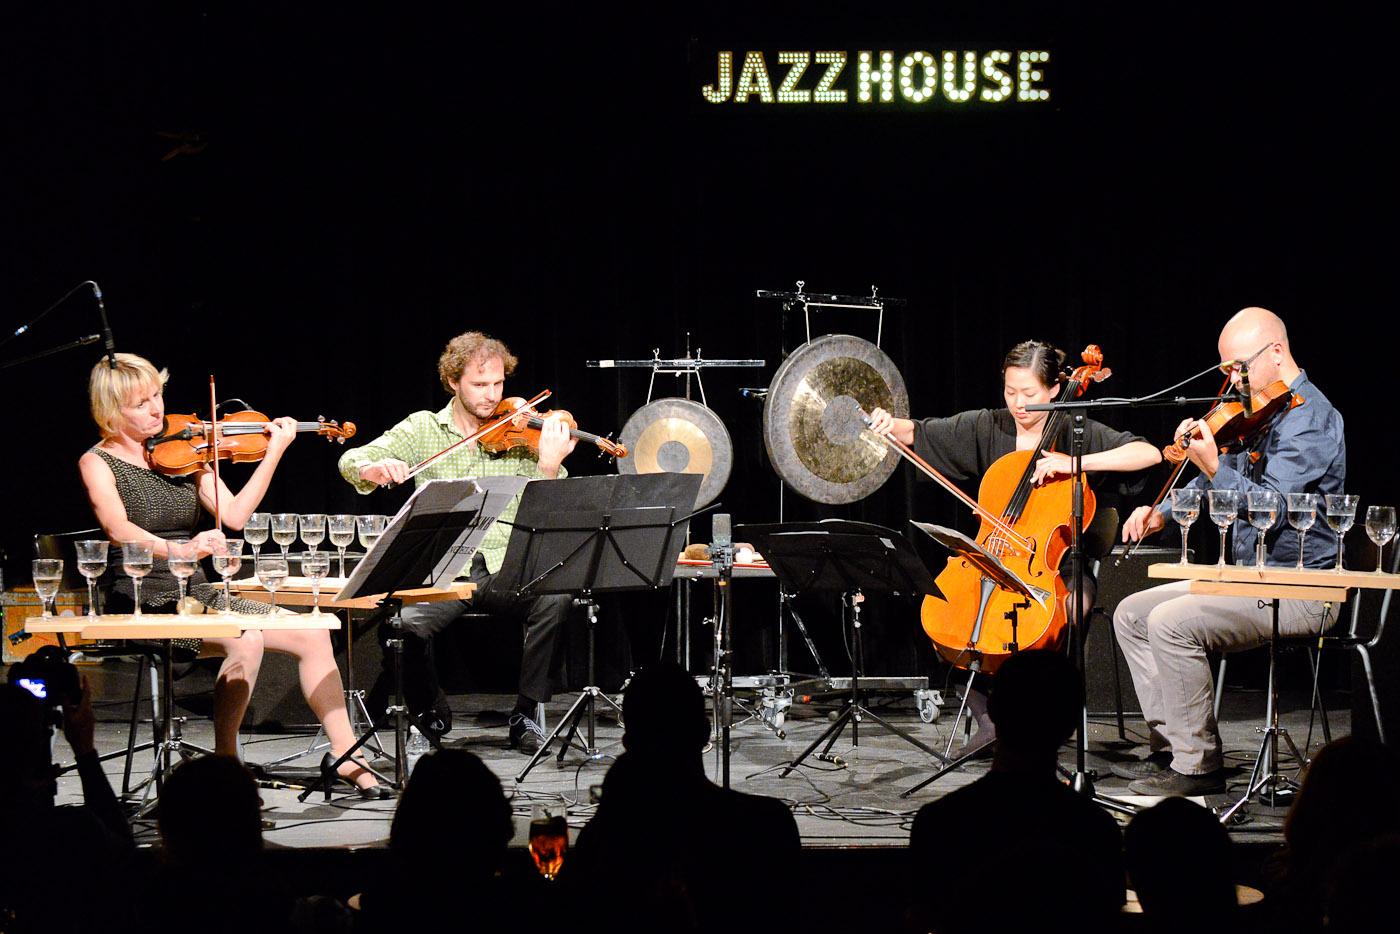 Foto ID 15092208 Music: Ensemble Resonanz, Jazzhouse, Niels Hemmingsens Gade 10